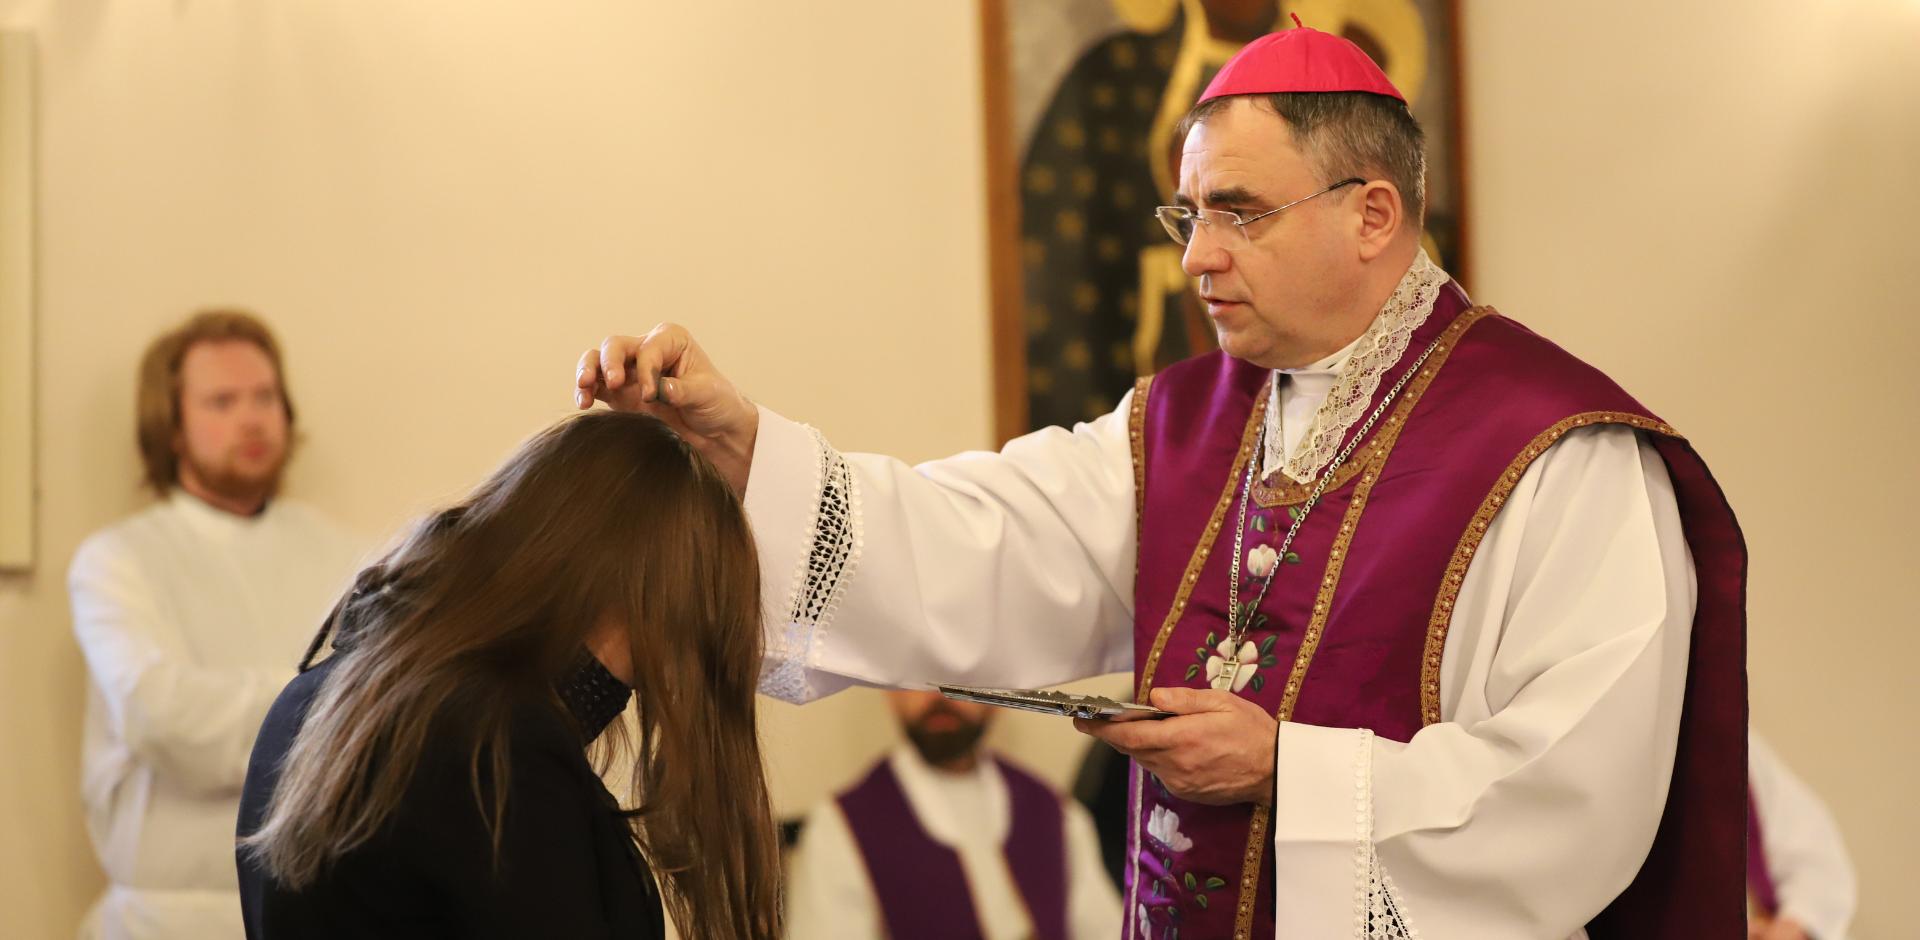 Bp Robert Chrząszcz w Środę Popielcową: Boże zbawienie jest dostępne dla wszystkich